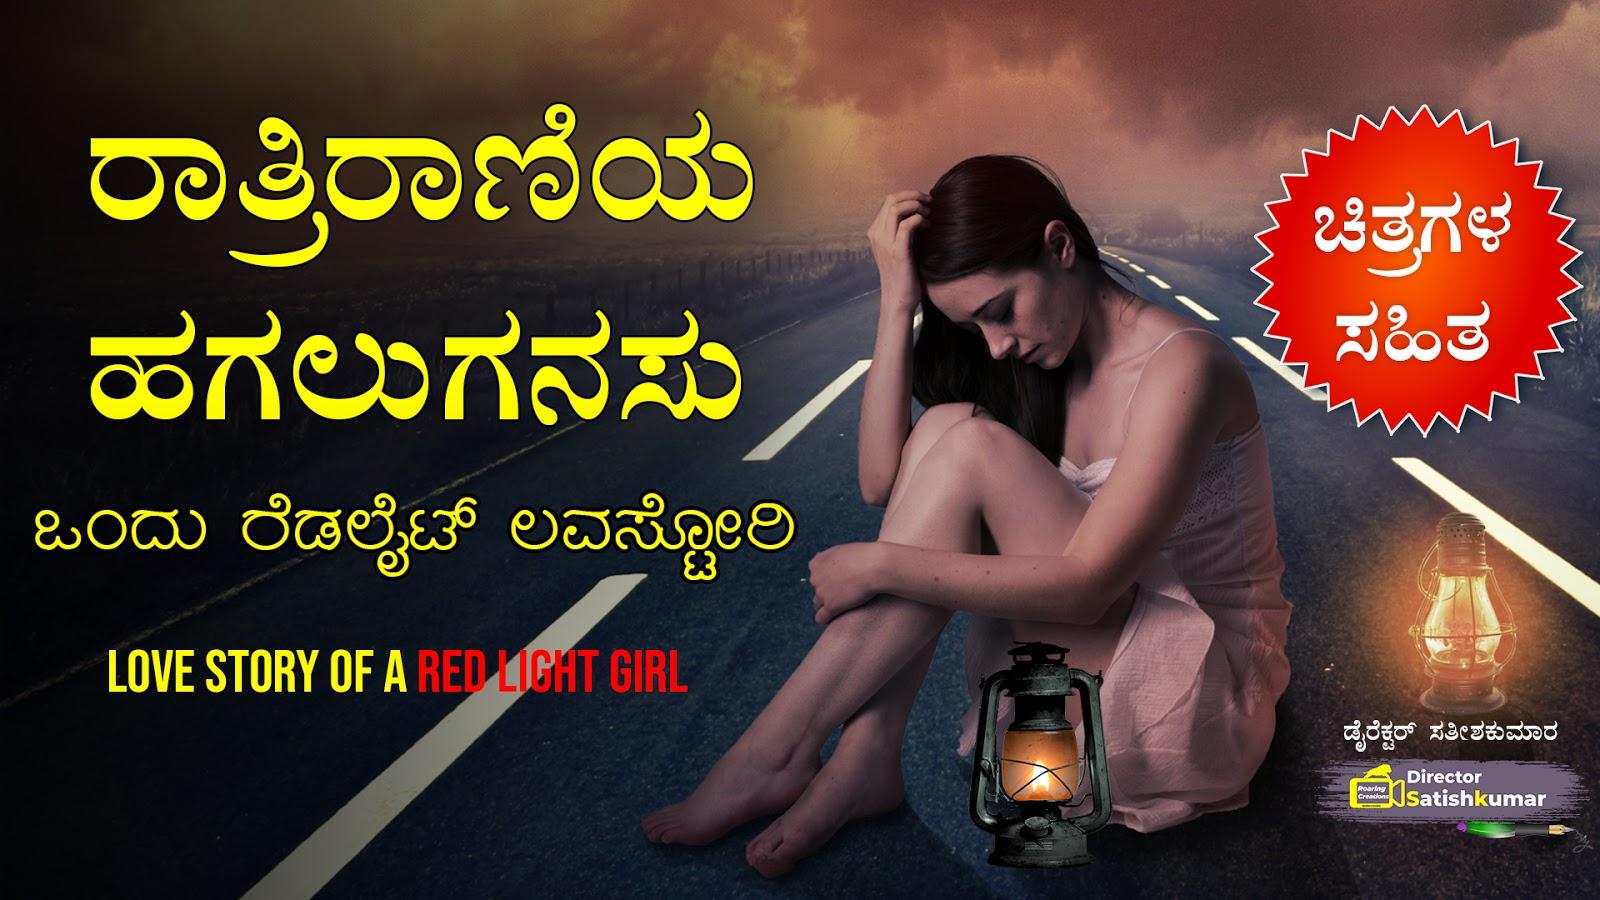 ರಾತ್ರಿರಾಣಿಯ ಹಗಲುಗನಸು -  ಒಂದು ರೆಡಲೈಟ್ ಲವಸ್ಟೋರಿ - Love Story of a Red Light Girl in Kannada - ಕನ್ನಡ ಕಥೆ ಪುಸ್ತಕಗಳು - Kannada Story Books -  E Books Kannada - Kannada Books